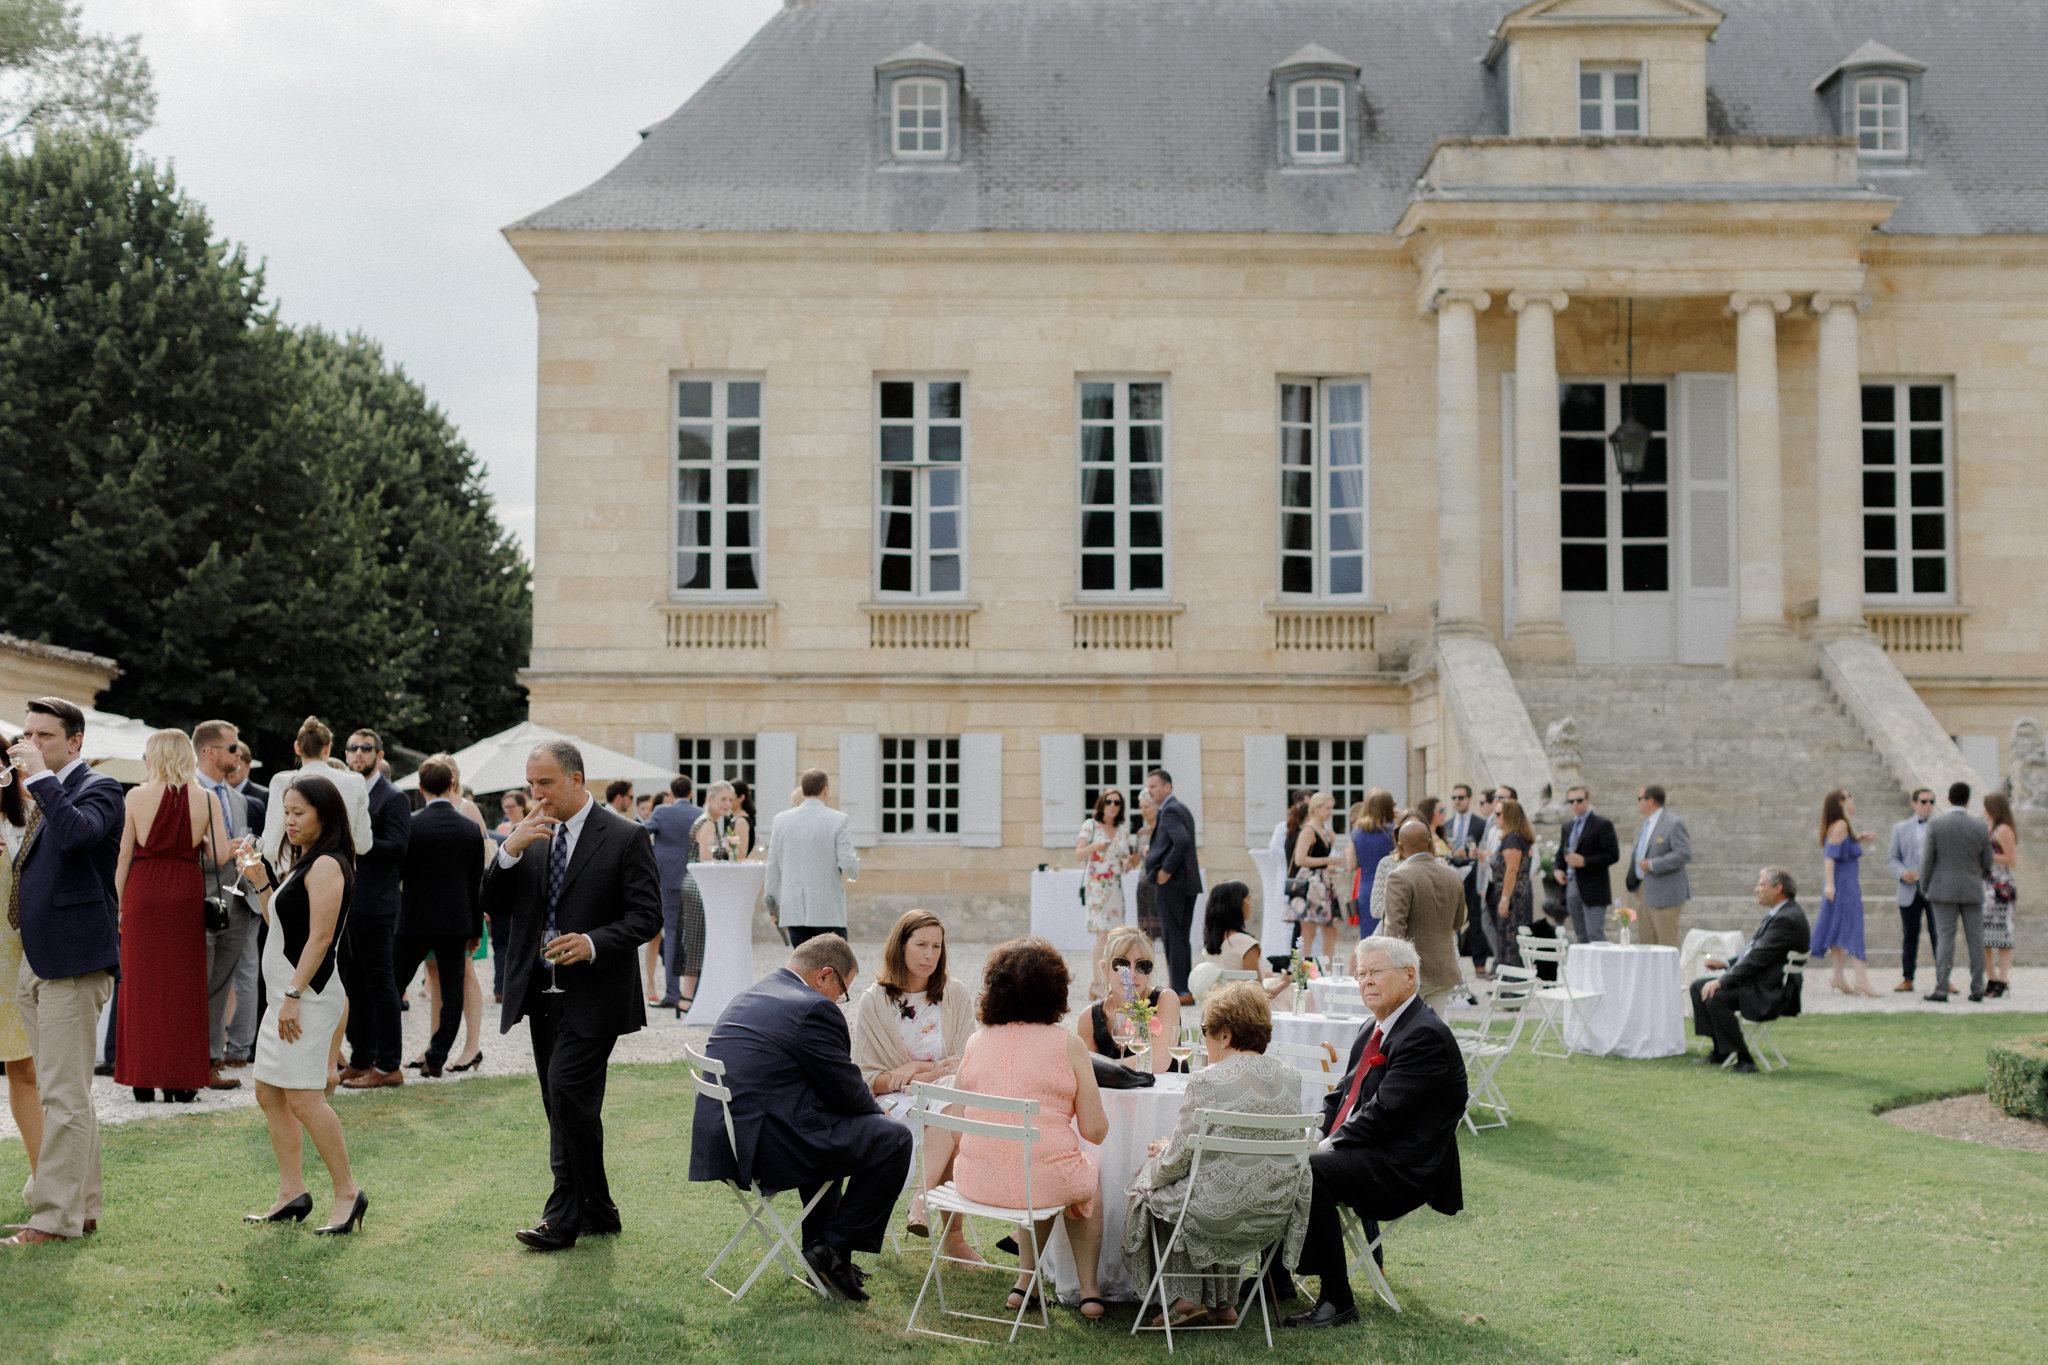 front lawn of Chateau La Louviere cocktail hour